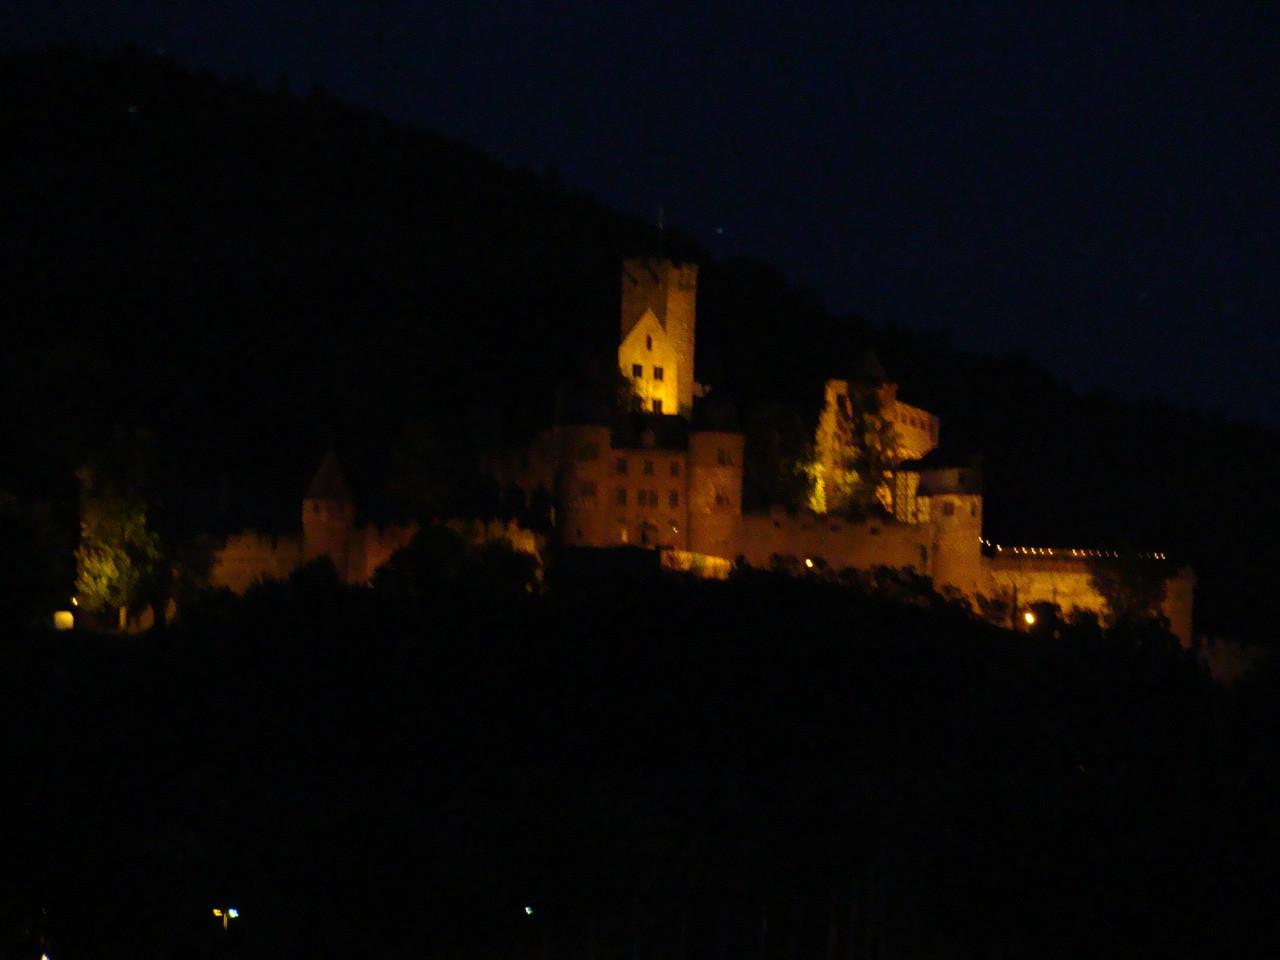 Das Schloss mal beleuchtet im Dunkeln.